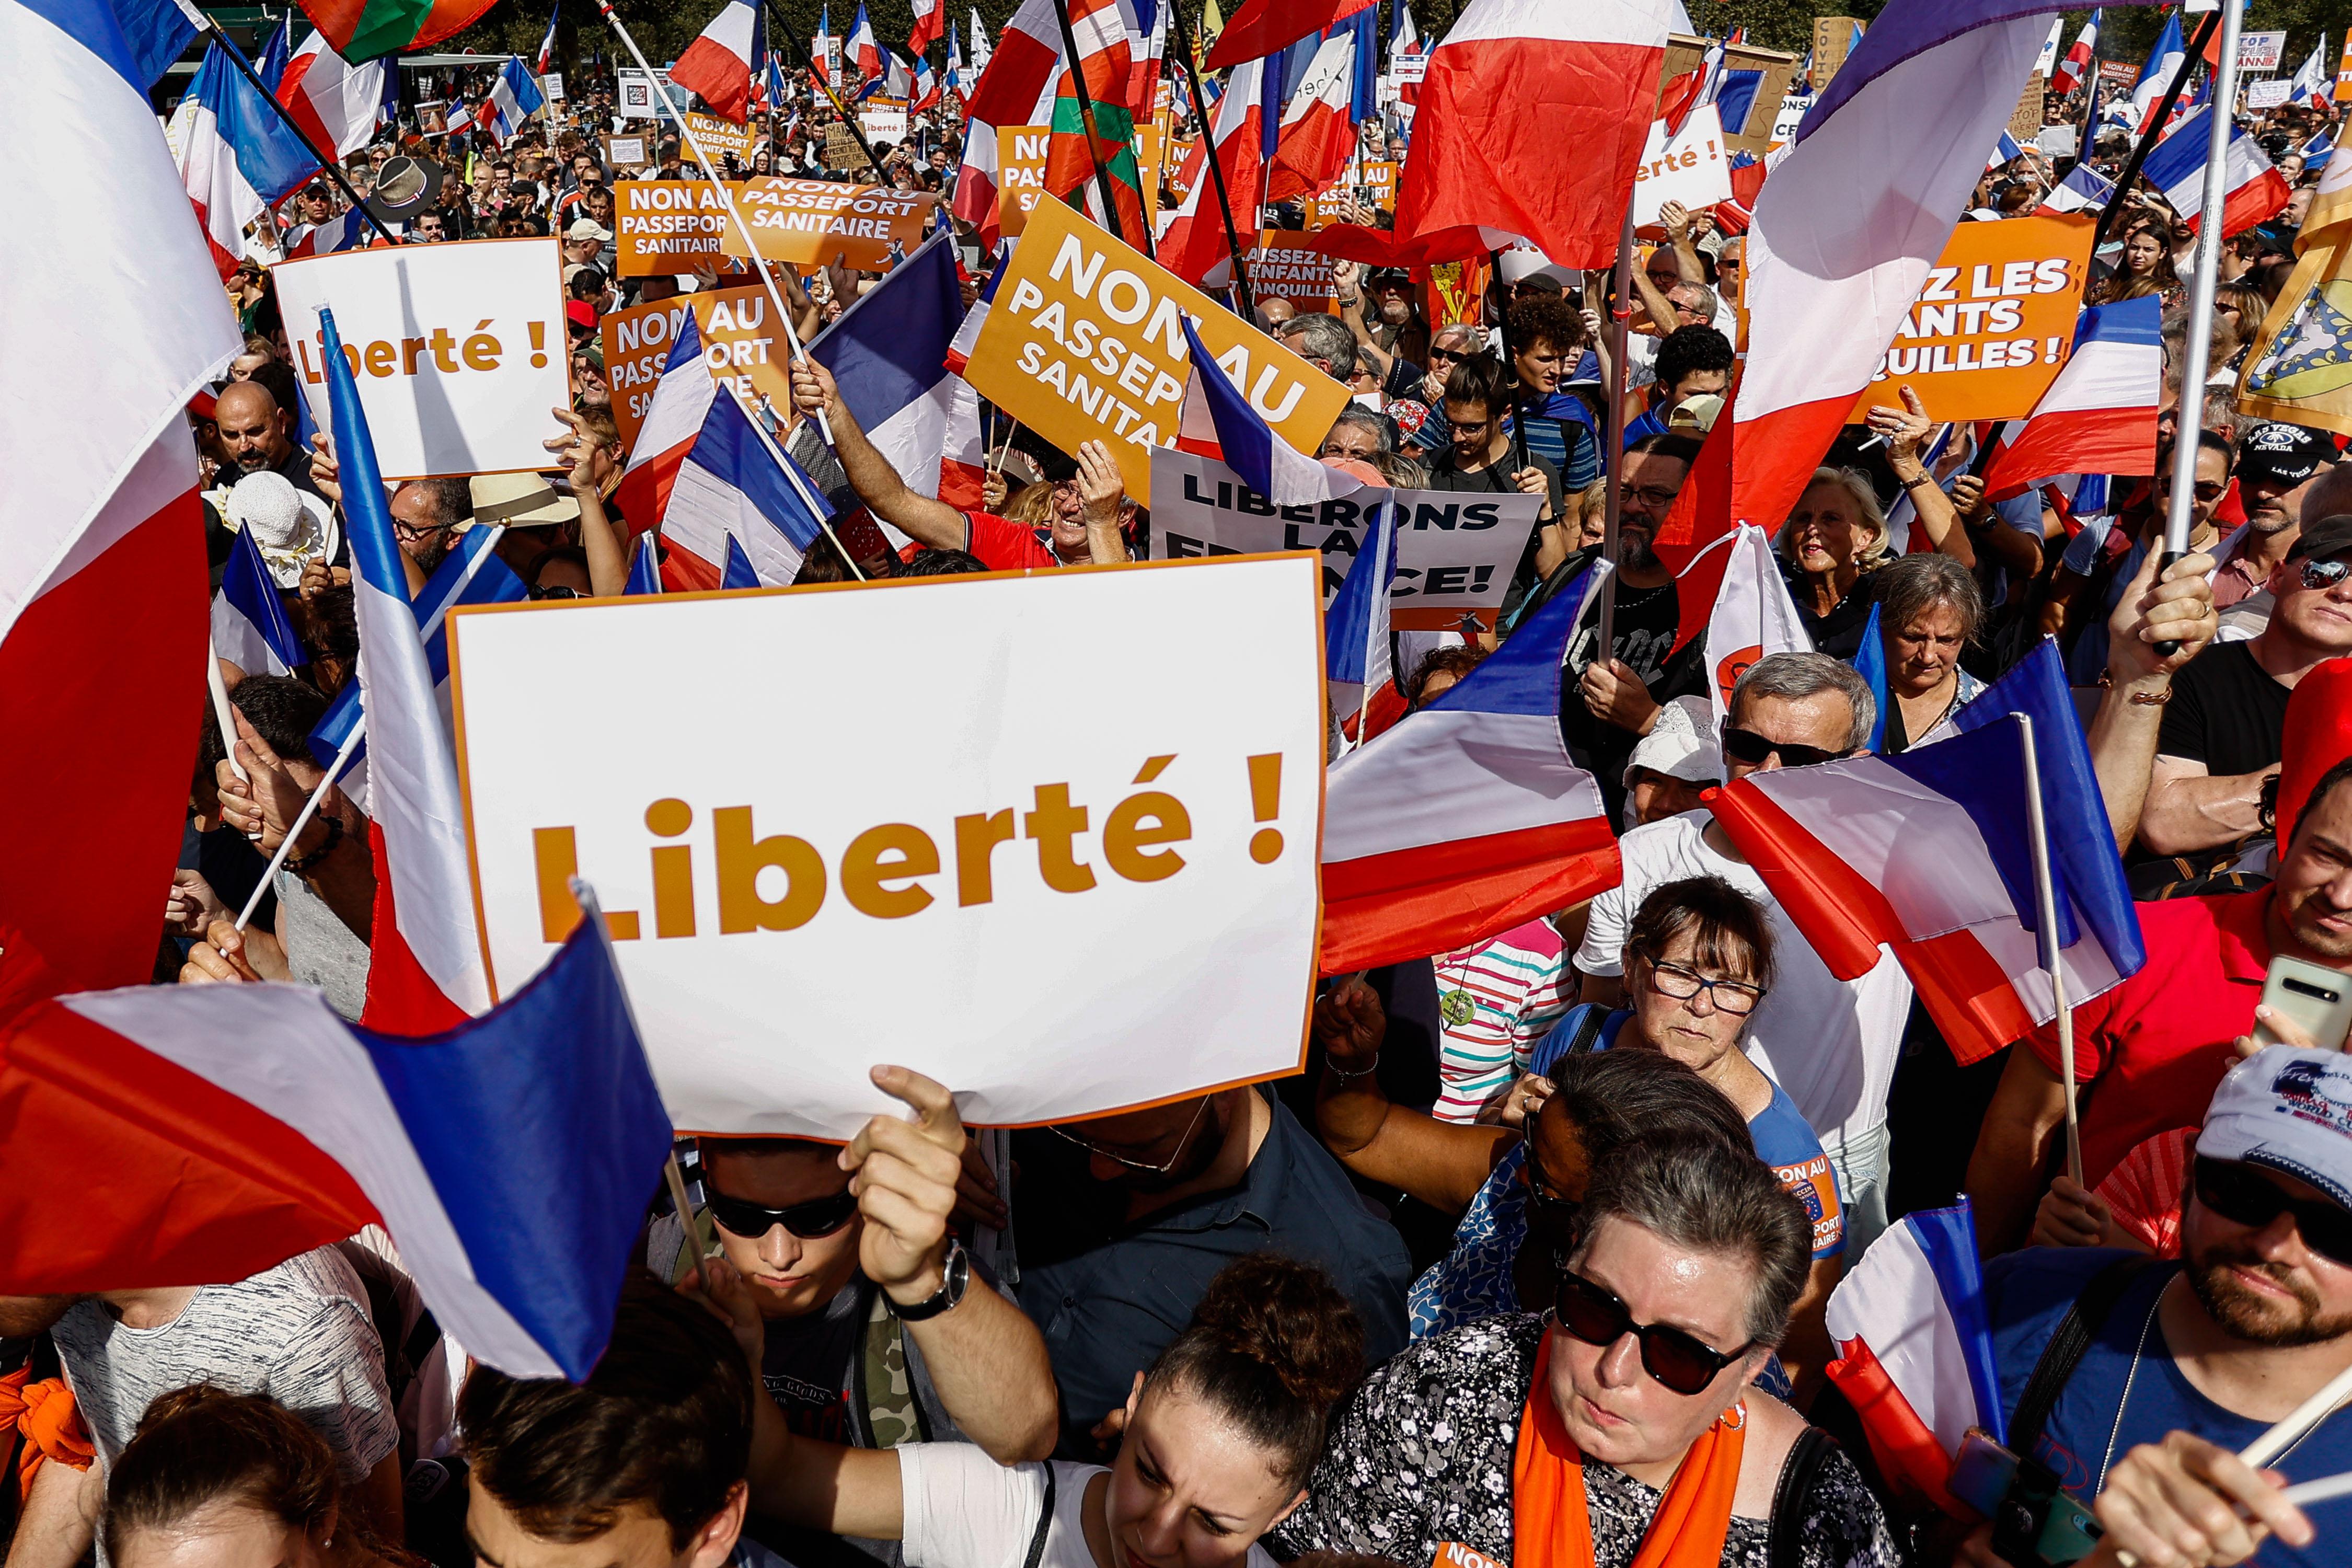 4 сентября 2021 года, Париж. Запреты и ограничения для непривитых в других странах регулярно выводят многотысячные протесты на улицу.